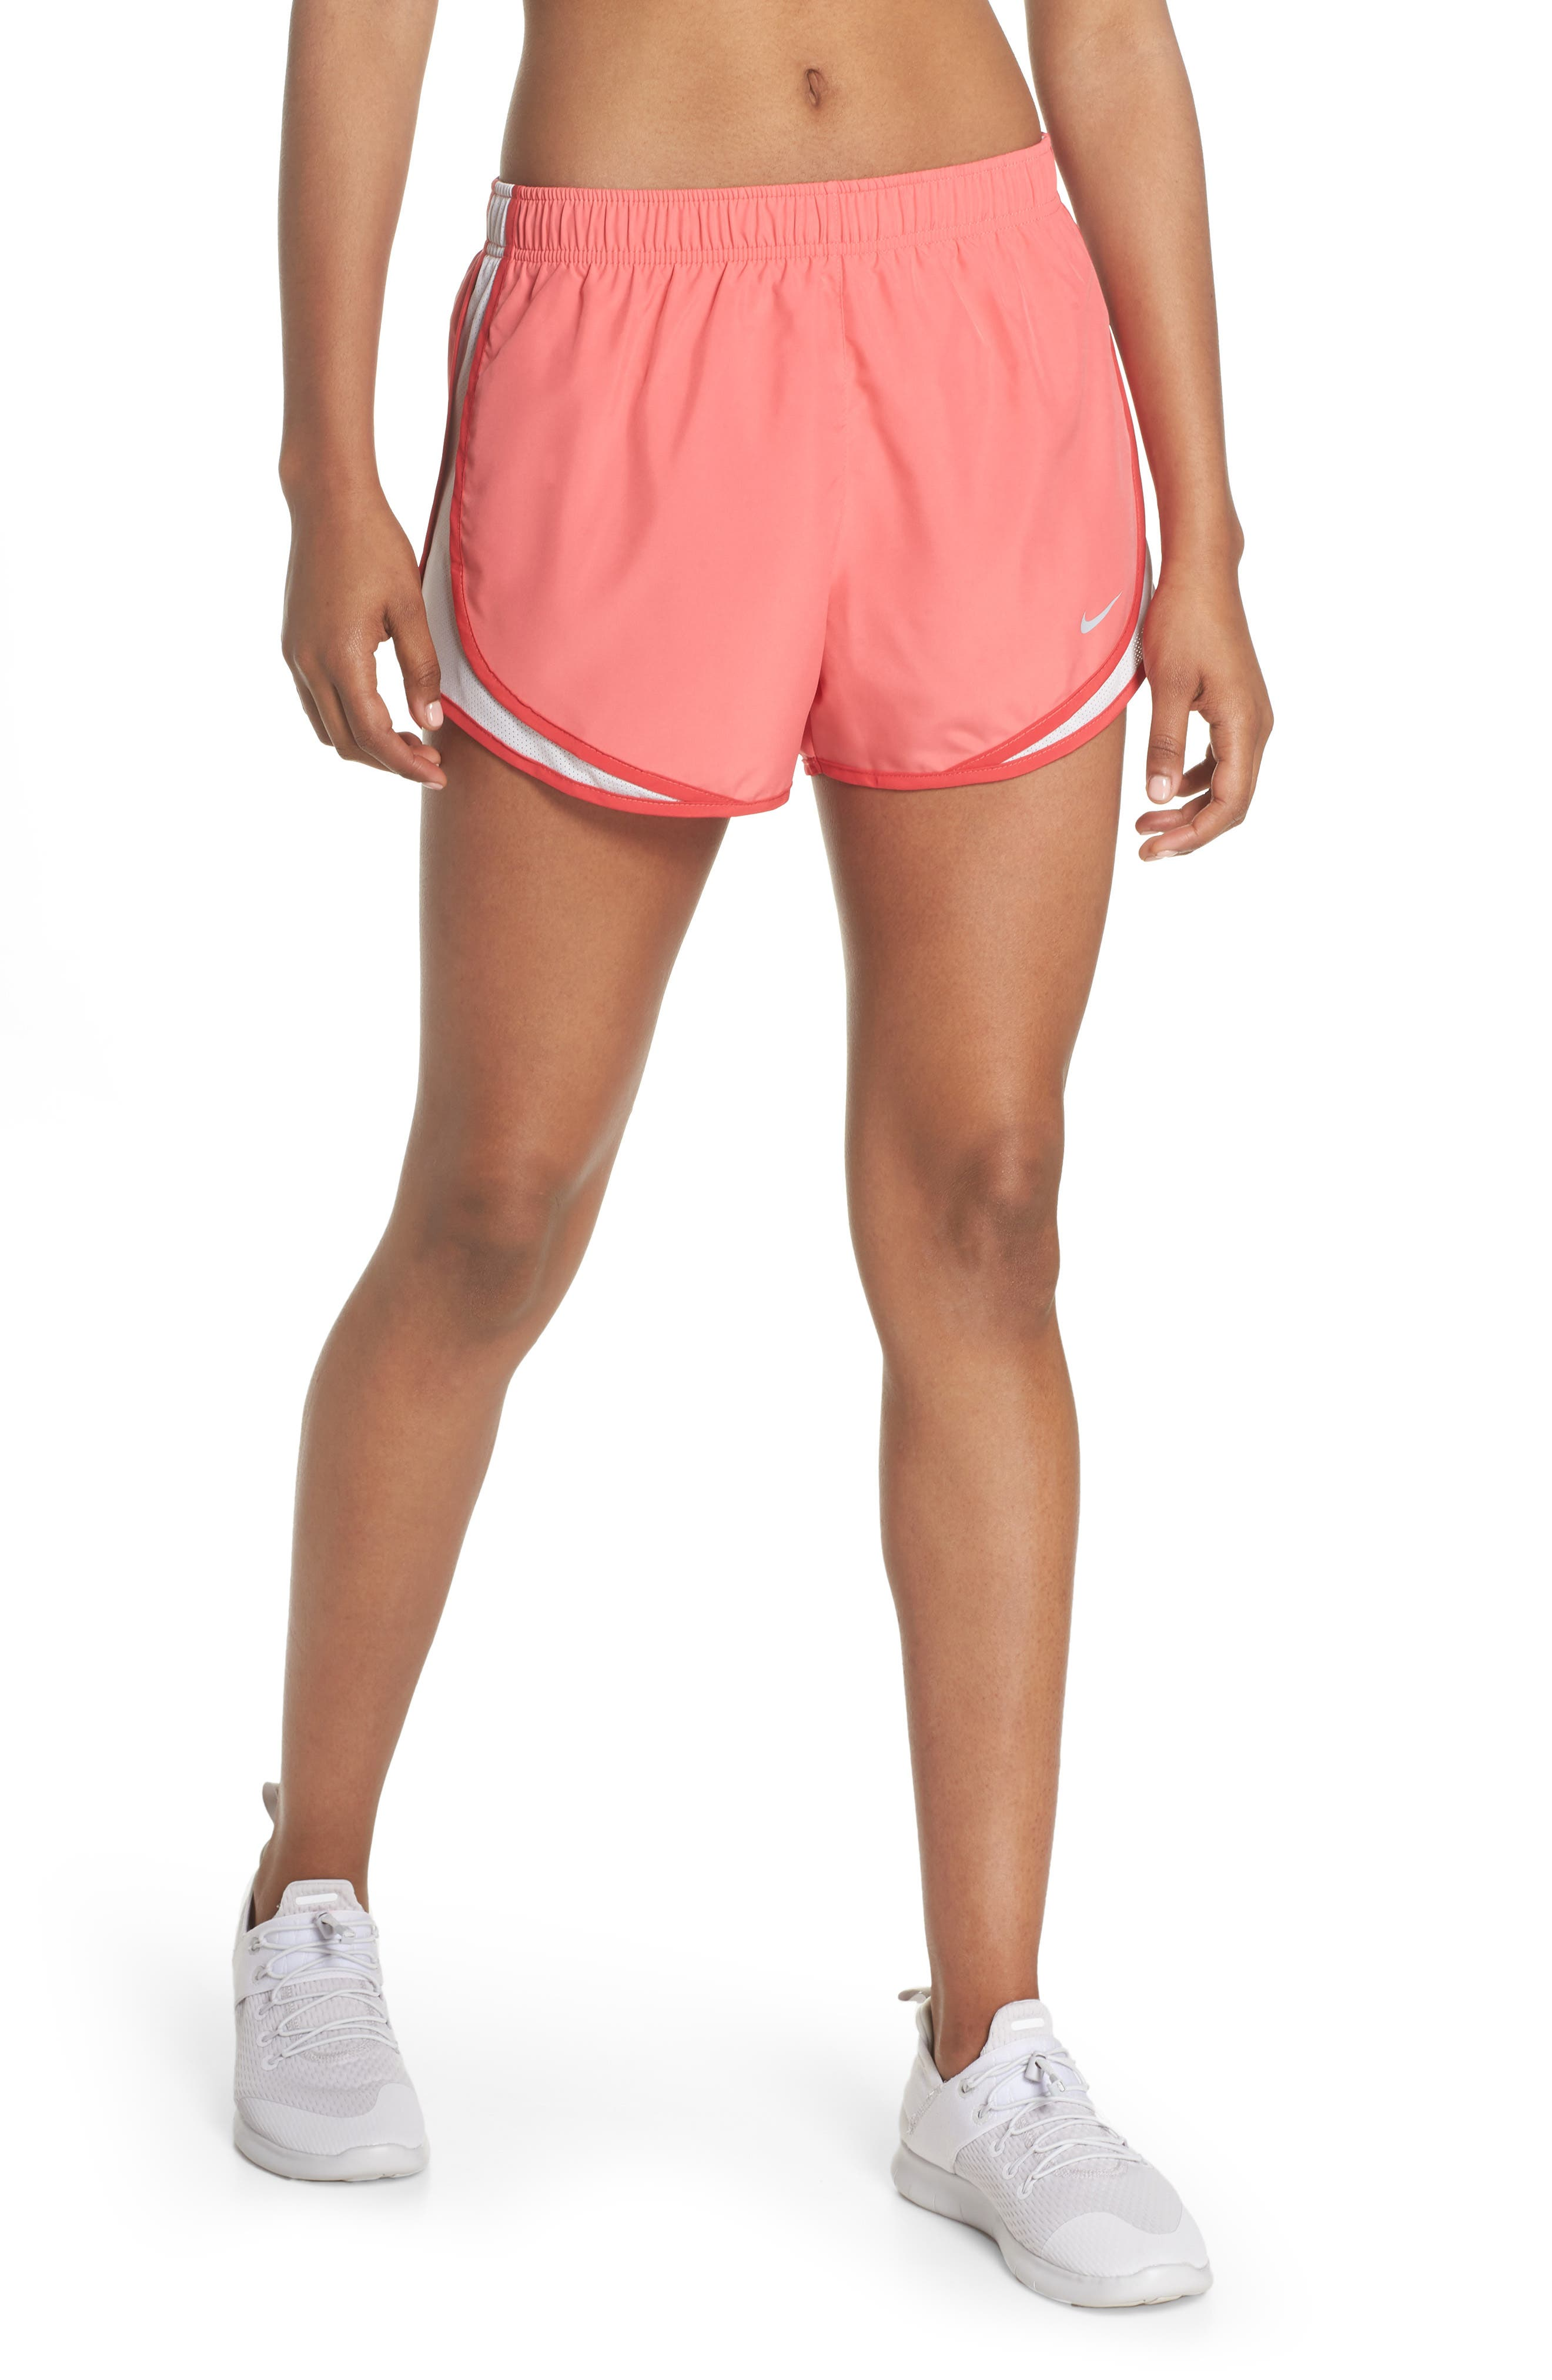 Dry Tempo Running Shorts,                             Main thumbnail 1, color,                             Coral/ Vast Grey/ Wolf Grey